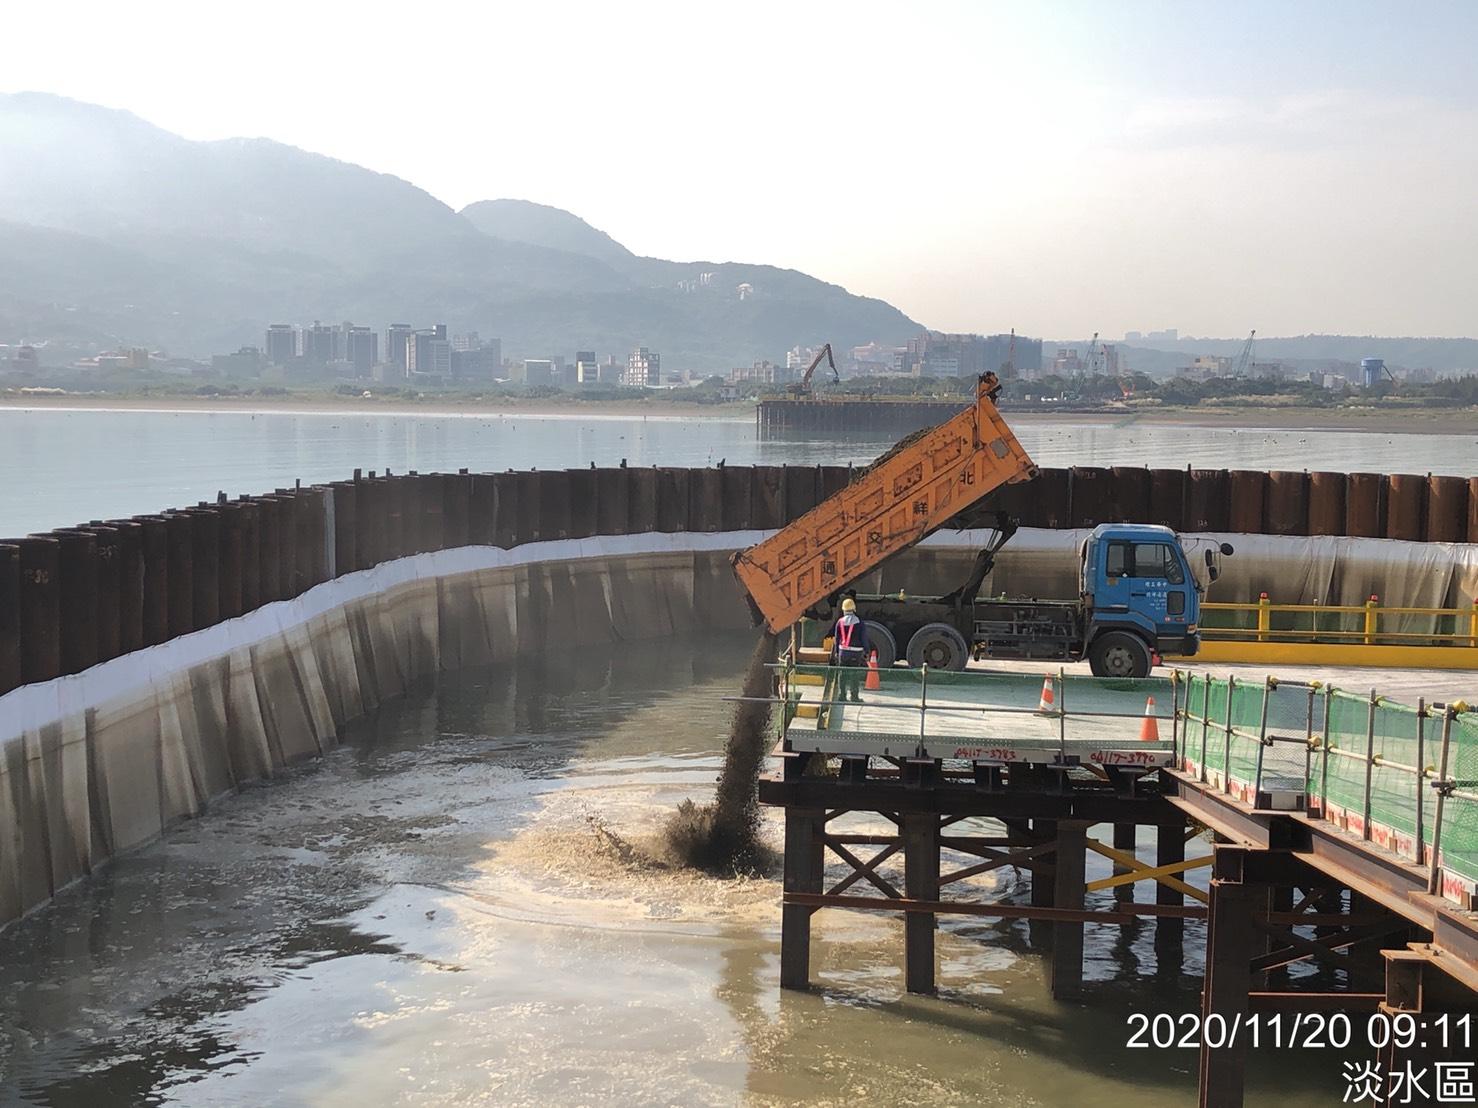 主橋塔鋼管鈑樁圍堰內回填土石方作業.